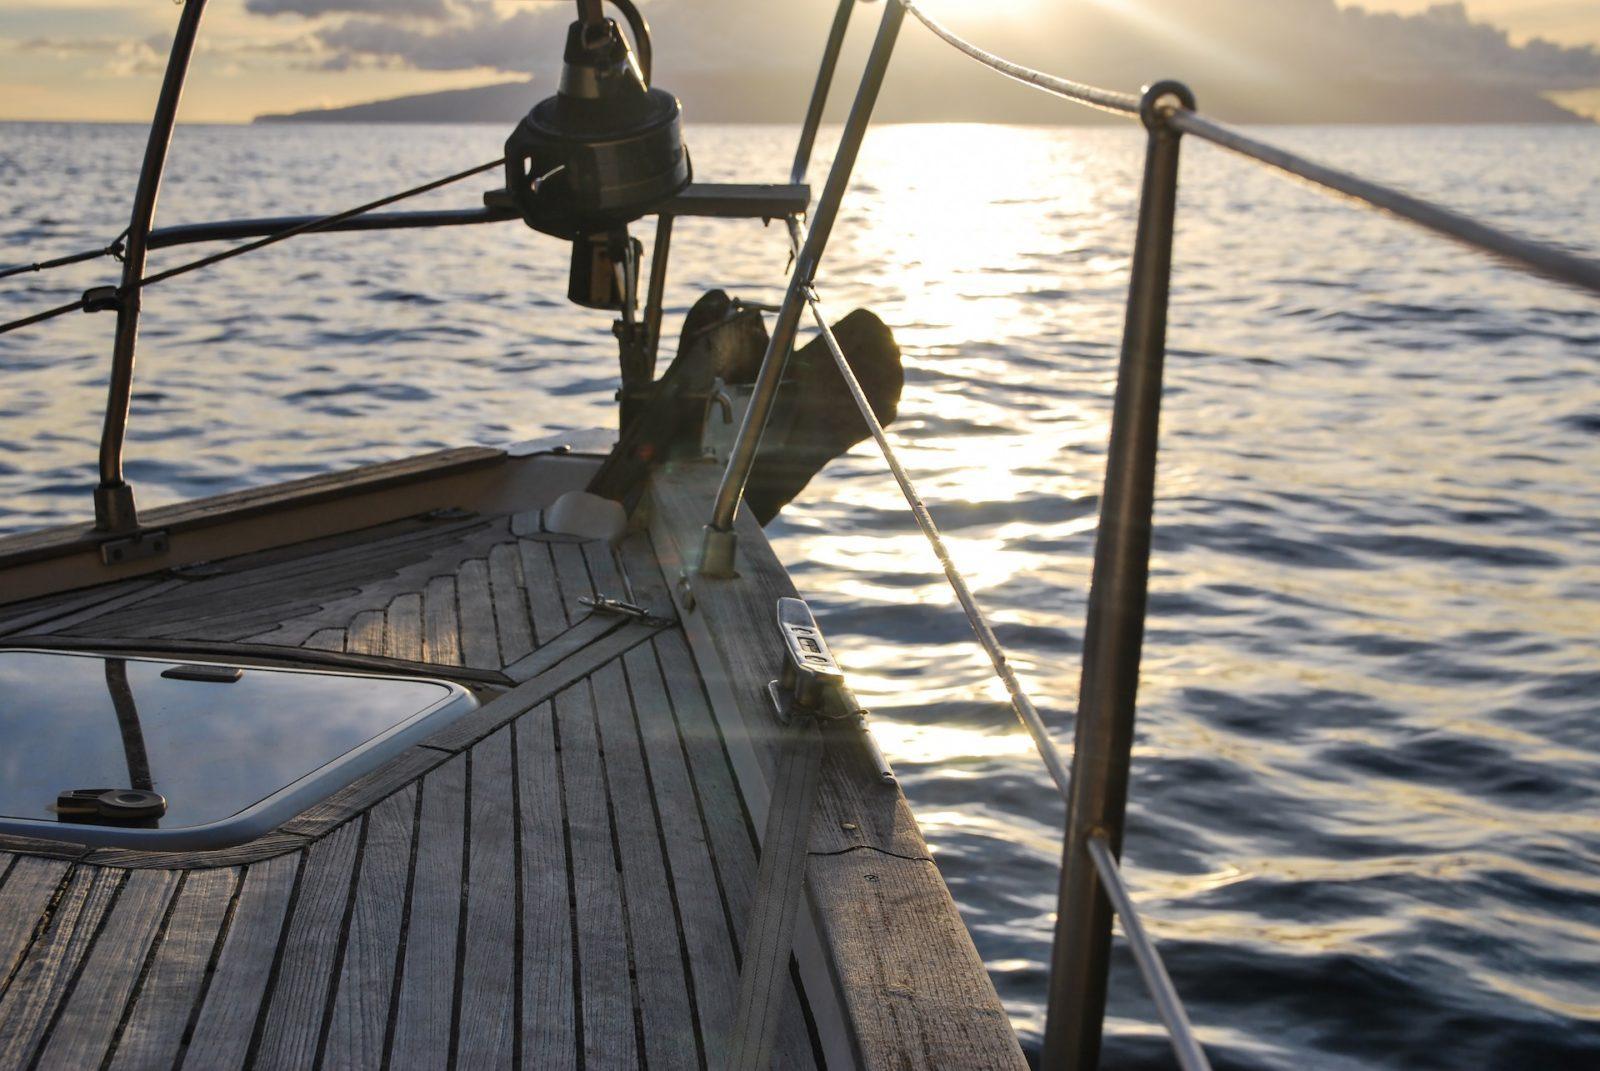 Bådens benævnelser: almindelige ord ombord på sejlbåd